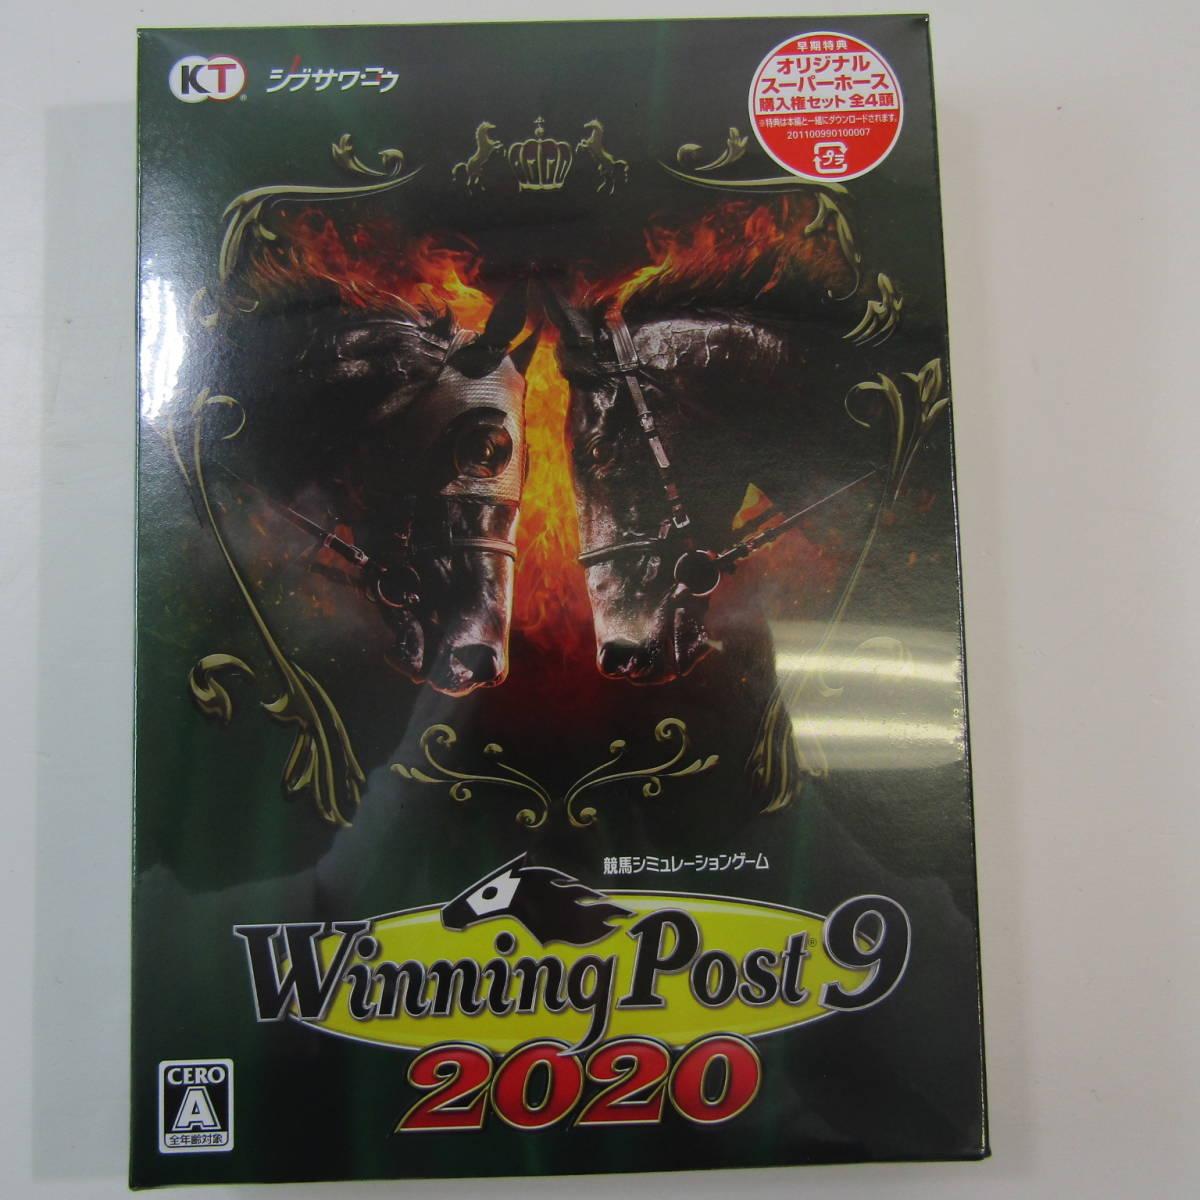 ホース スーパー 9 ウイニングポスト 2020